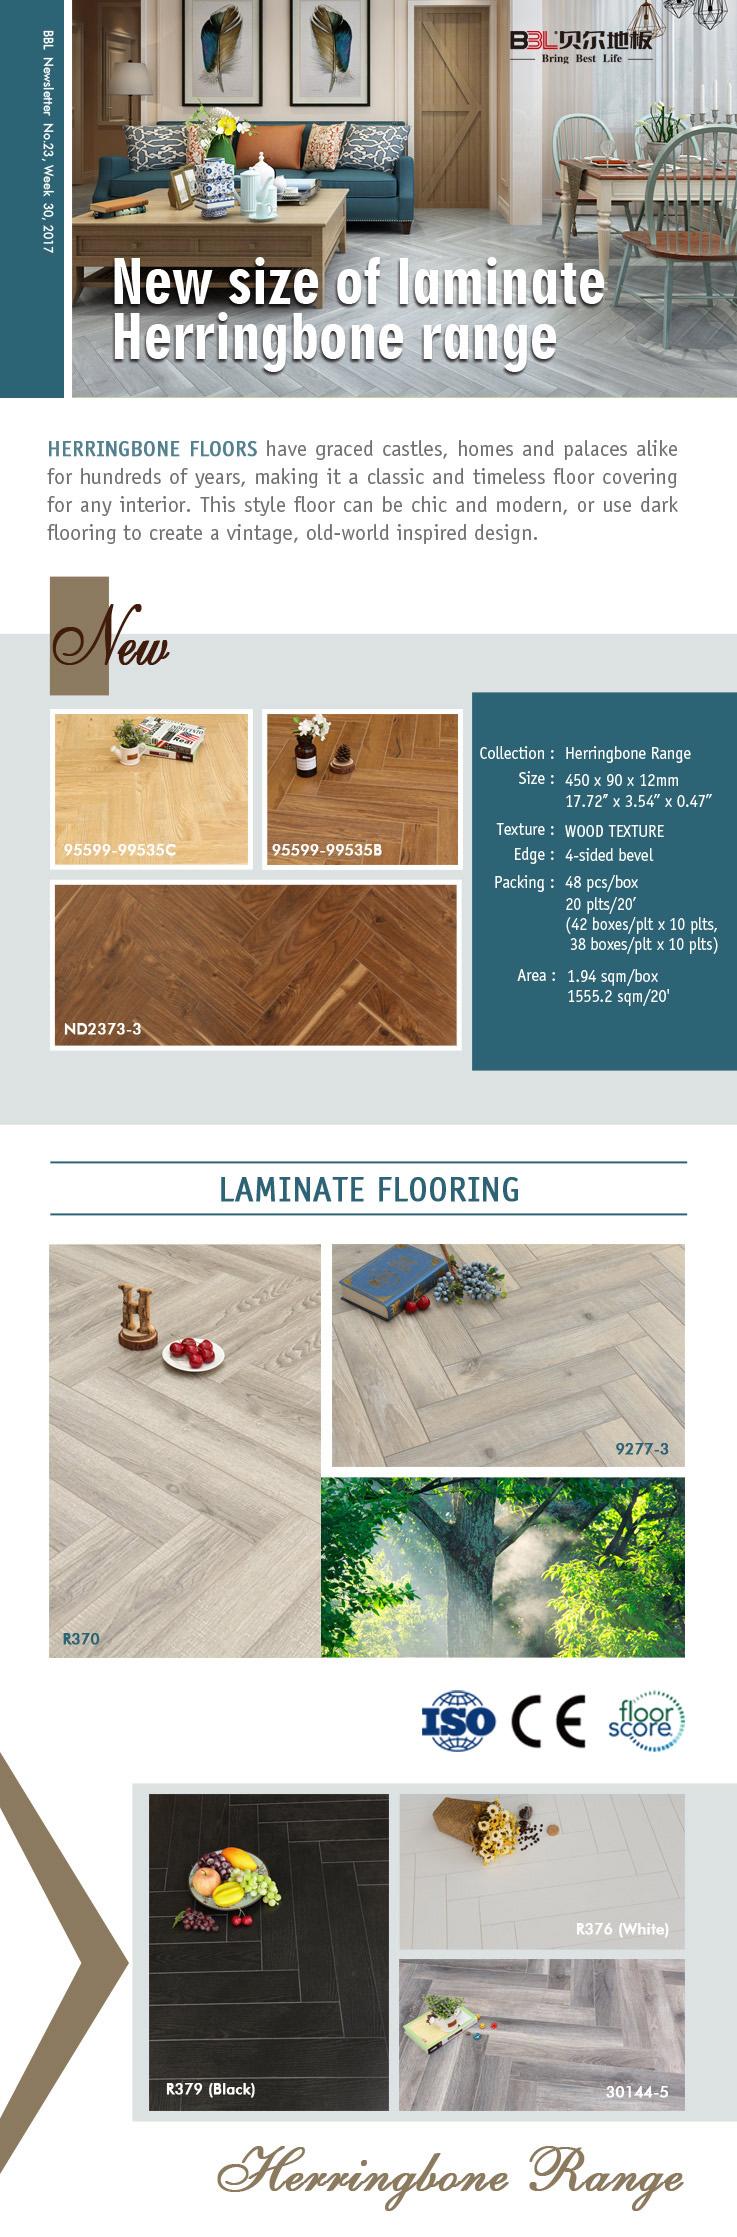 अस्थायी स्थापित vanlige क्लिक करें 8 12mm herringbone टुकड़े टुकड़े जर्मन लकड़ी की छत लकड़ी का फर्श के साथ सस्ते कीमतों